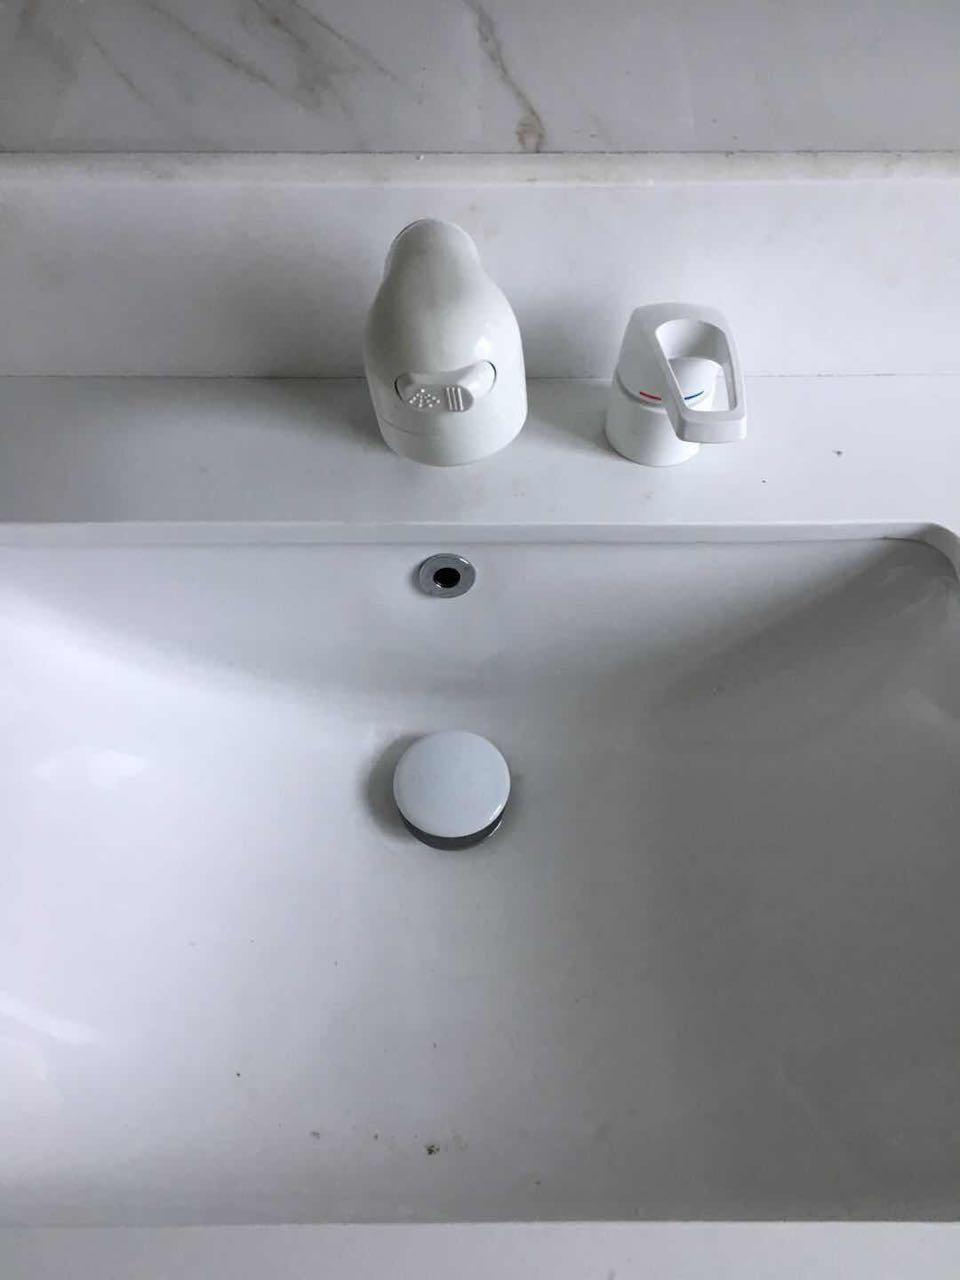 水鹿卫浴-洗面-台盆-1610台下盆